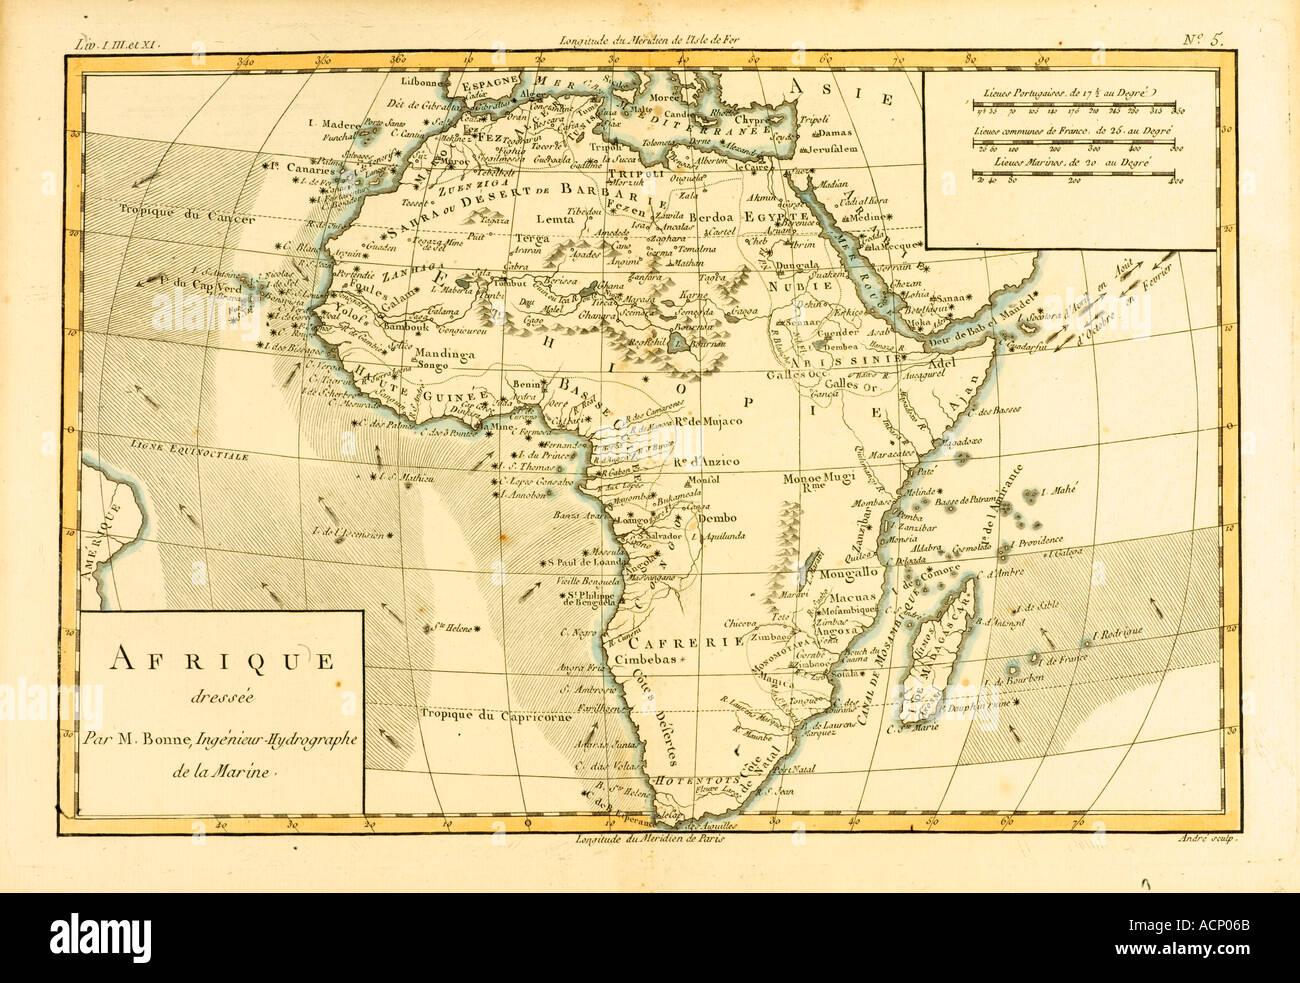 Carte de l'Afrique vers 1760 Photo Stock